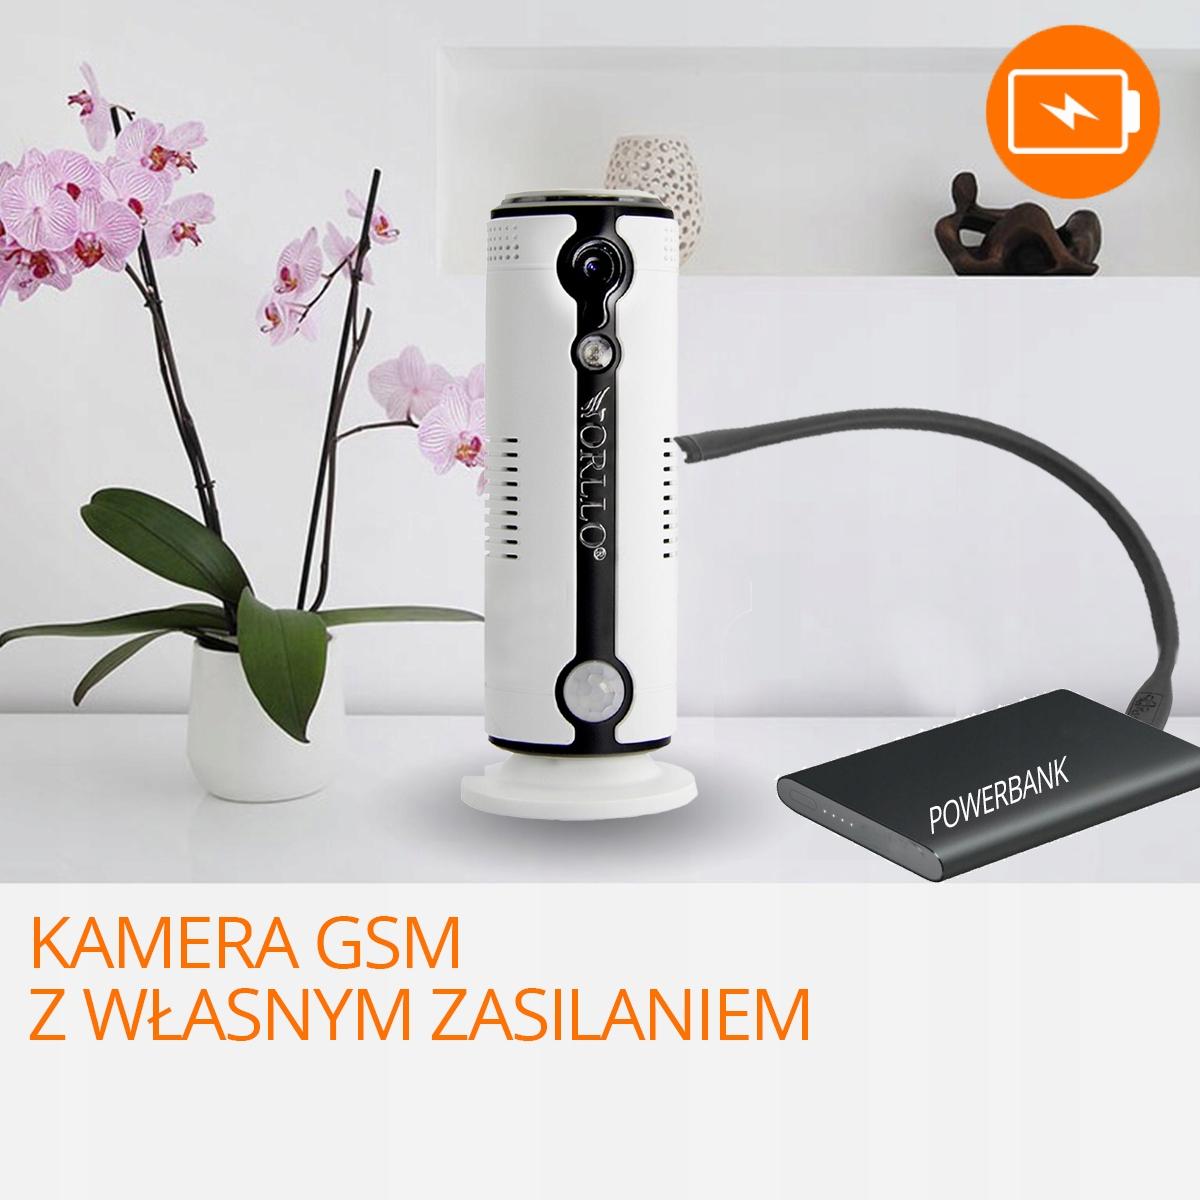 KAMERA HD GSM SIM 3G BATERIA + KARTA 32GB PODGLĄD Załączone wyposażenie karta pamięci 32GB